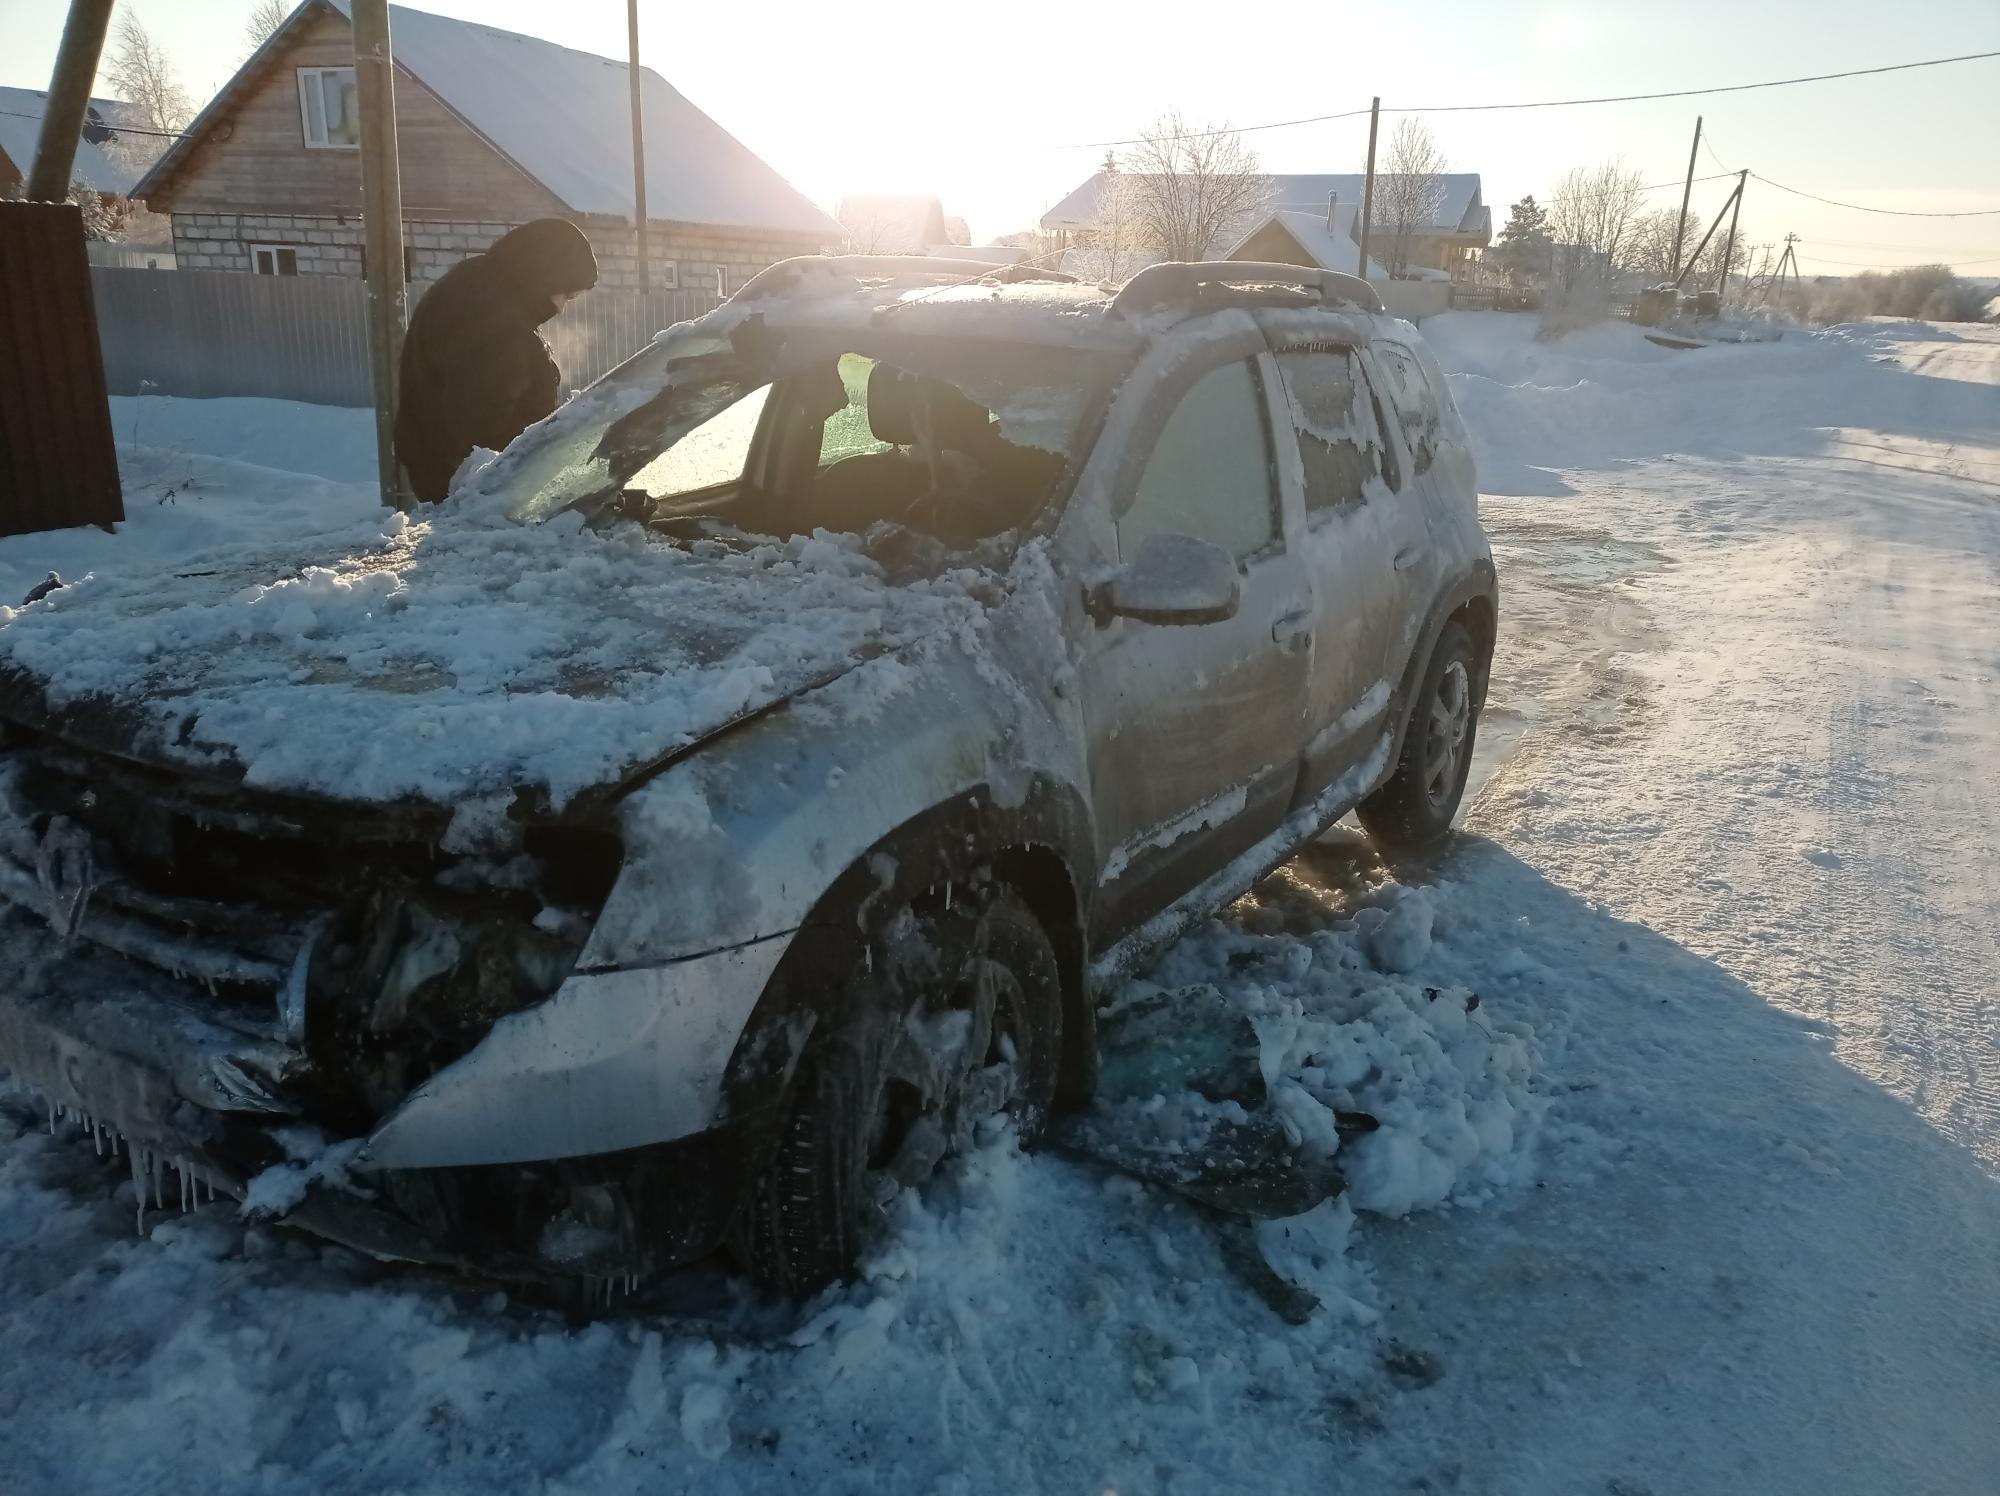 Вологжанин устроил пожар, пытаясь прогреть машину в мороз